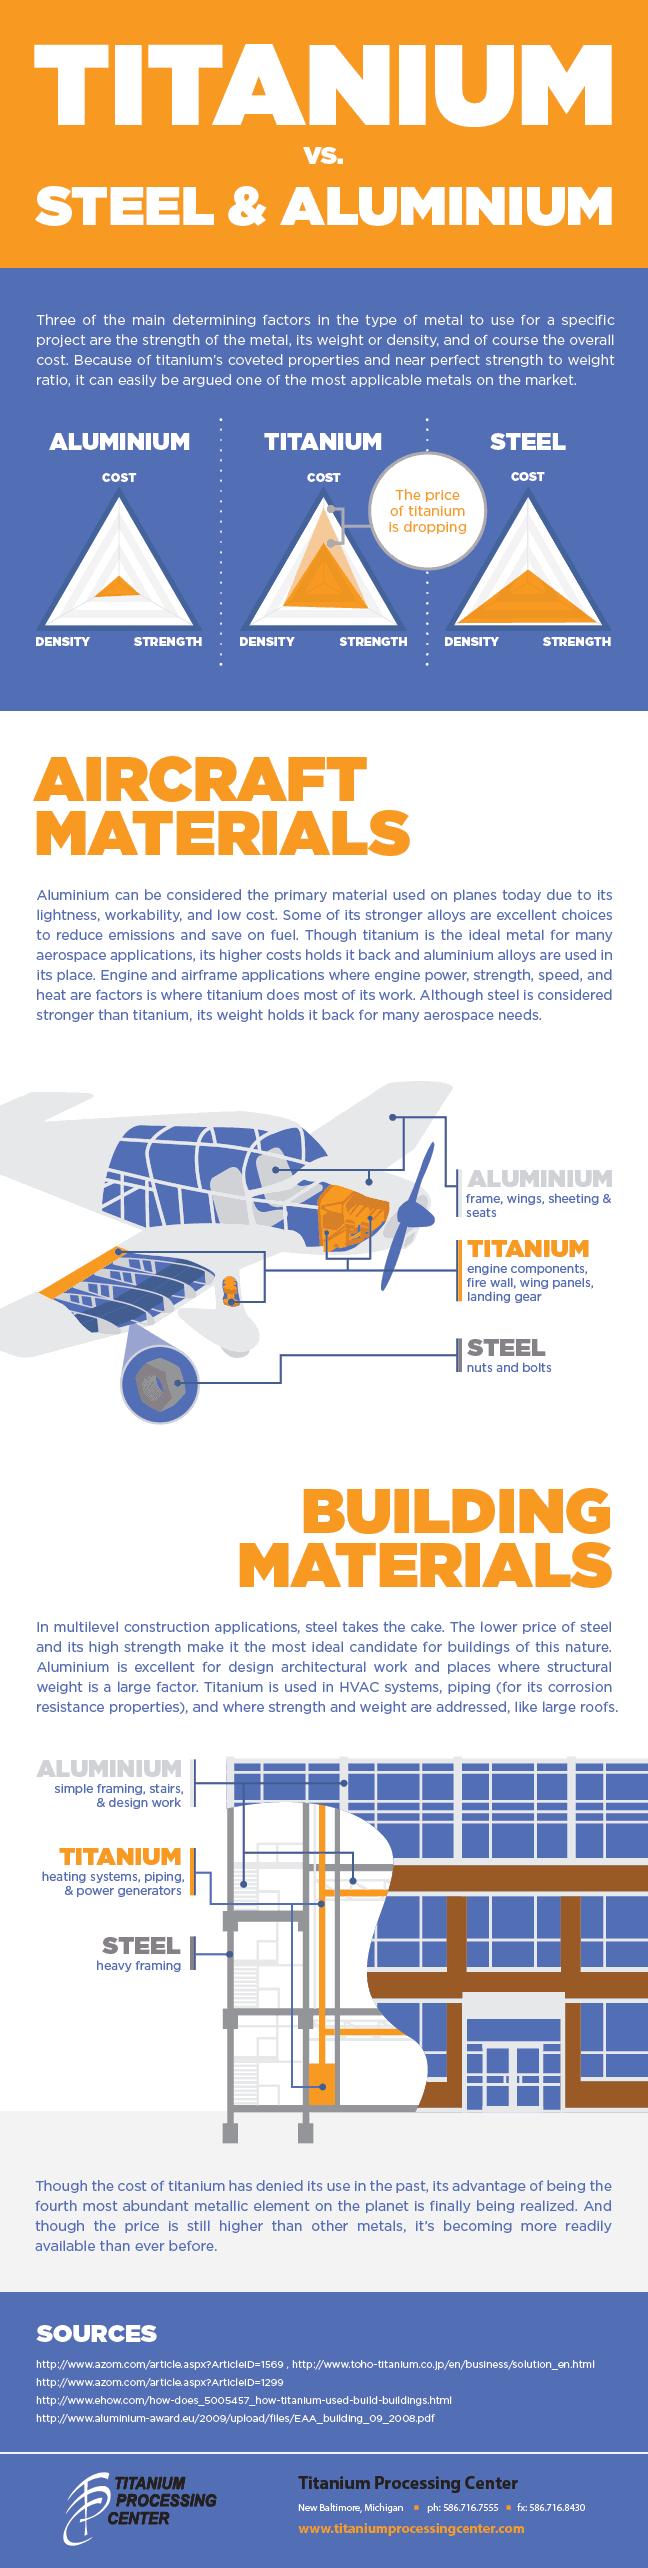 Titanium vs. Steel Aluminum